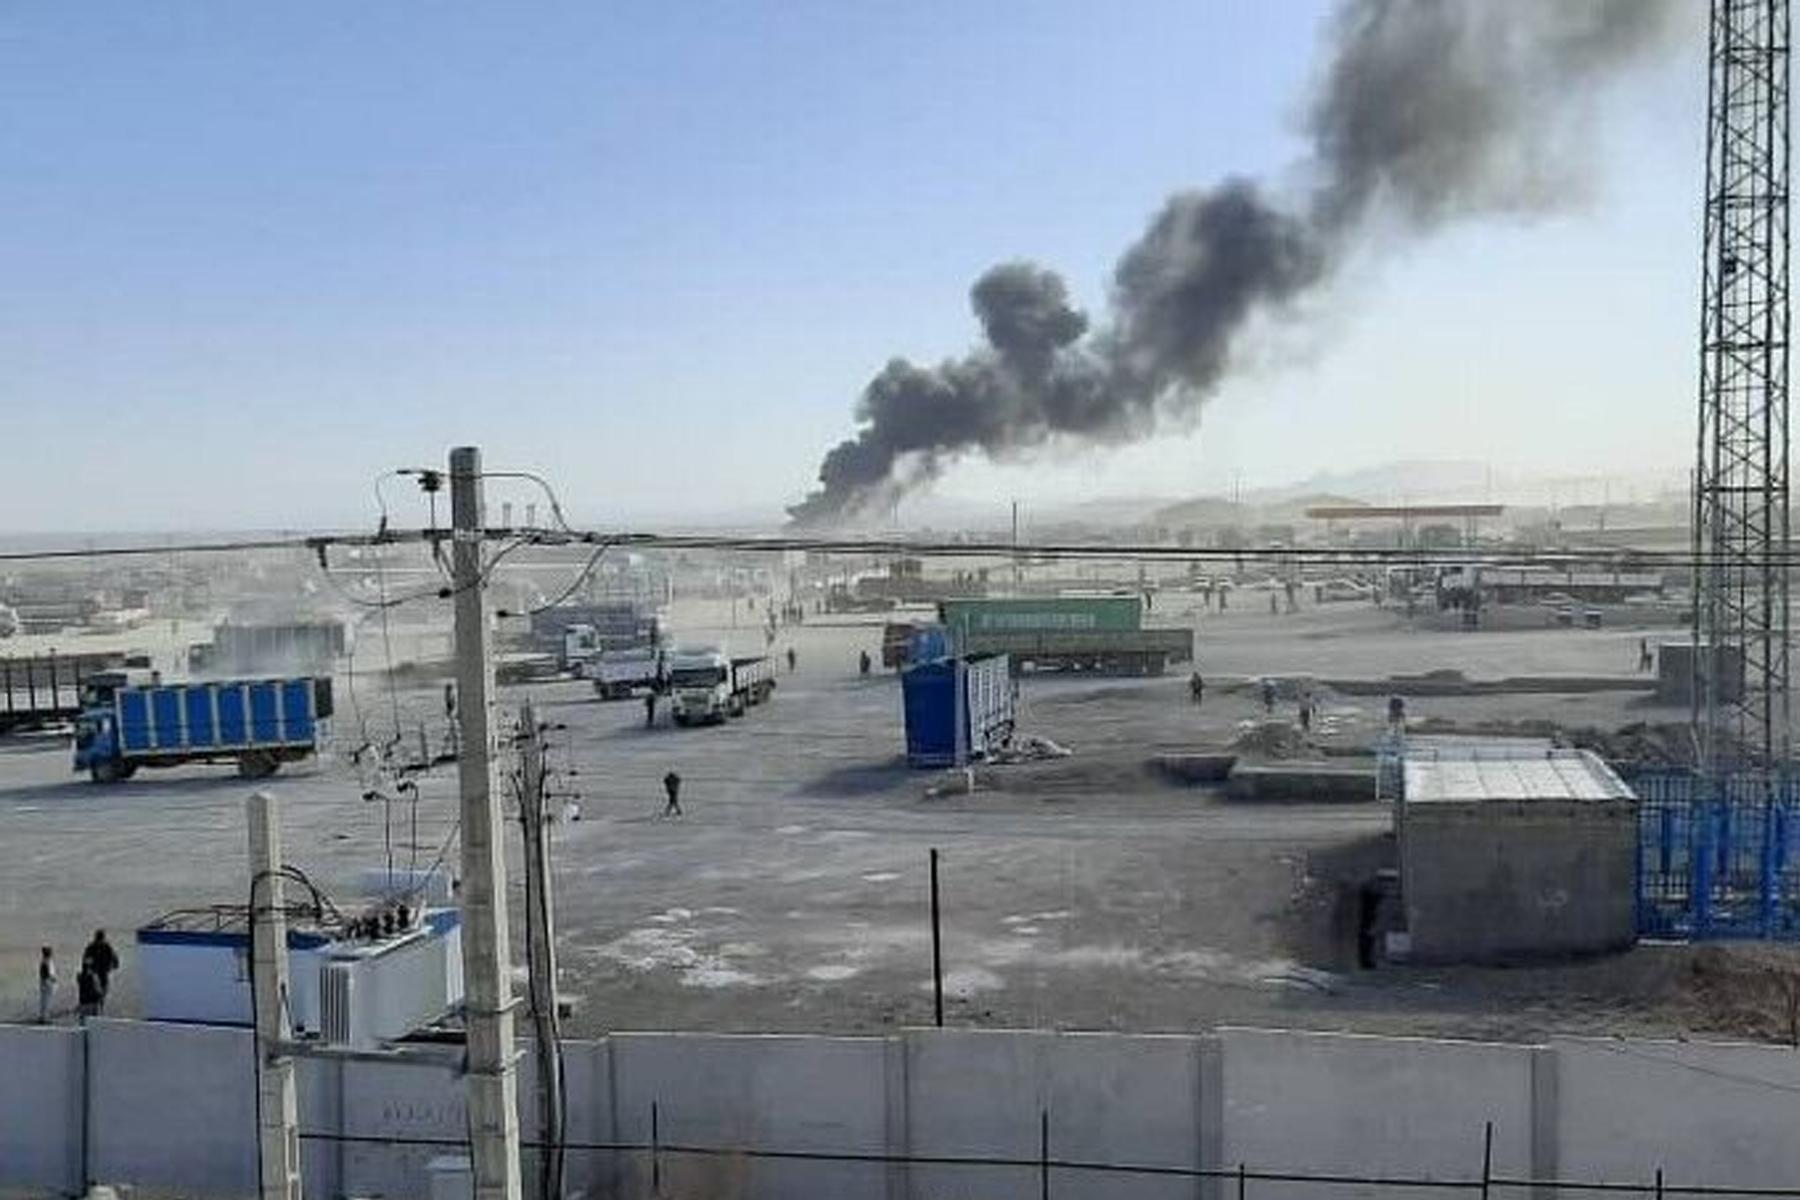 گمرک افغانستان در مرز ایران برای دومین بار طی یک ماه گذشتهطعمه حریق شد